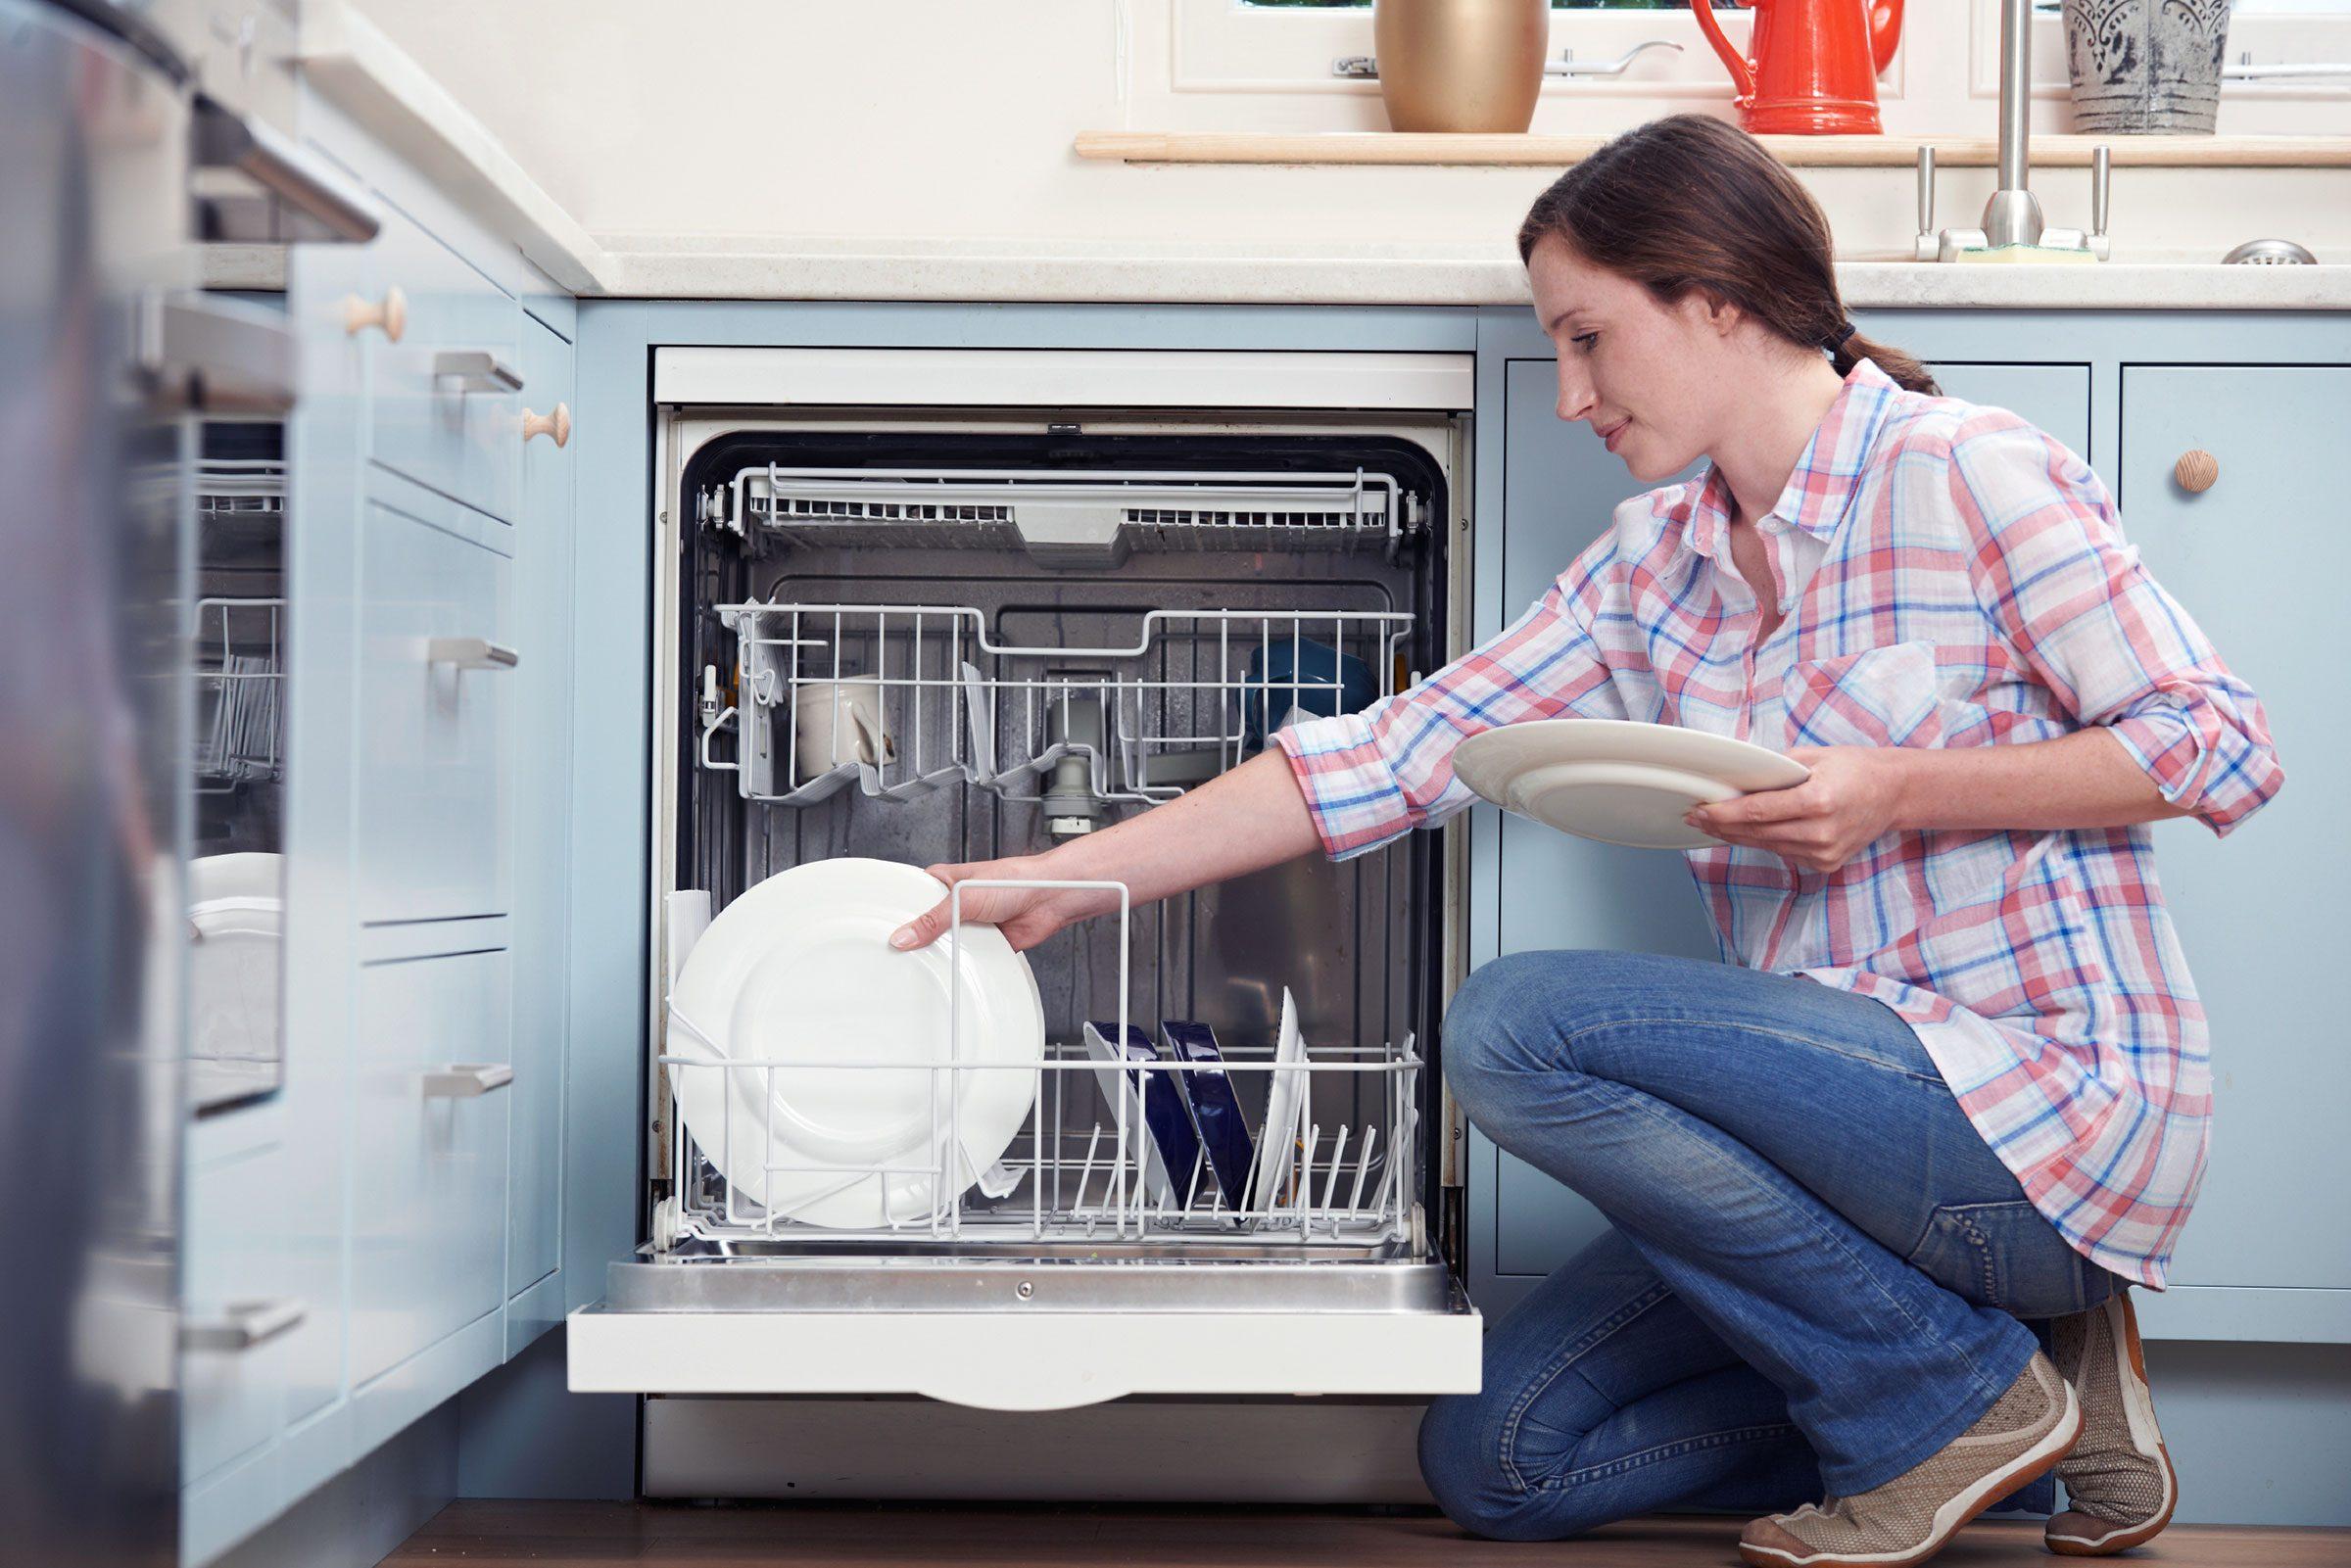 Here's my favorite little kitchen tip: